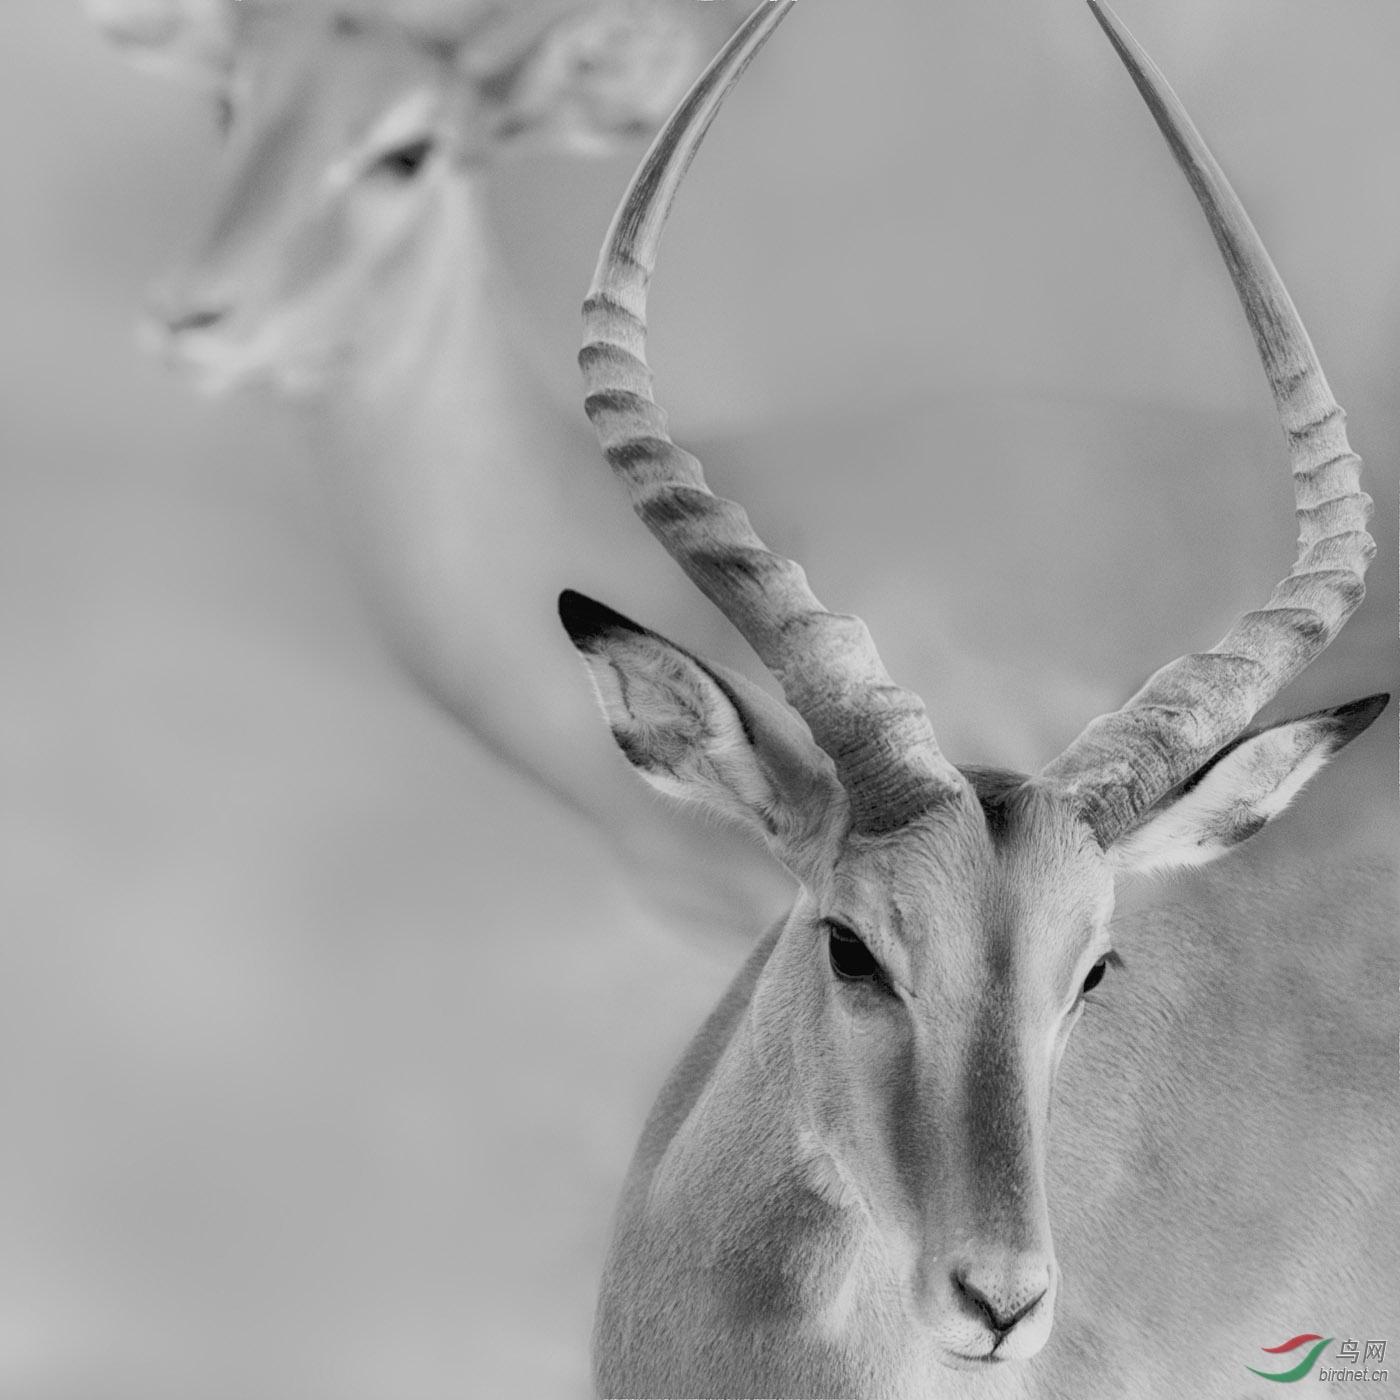 228.羚羊.jpg